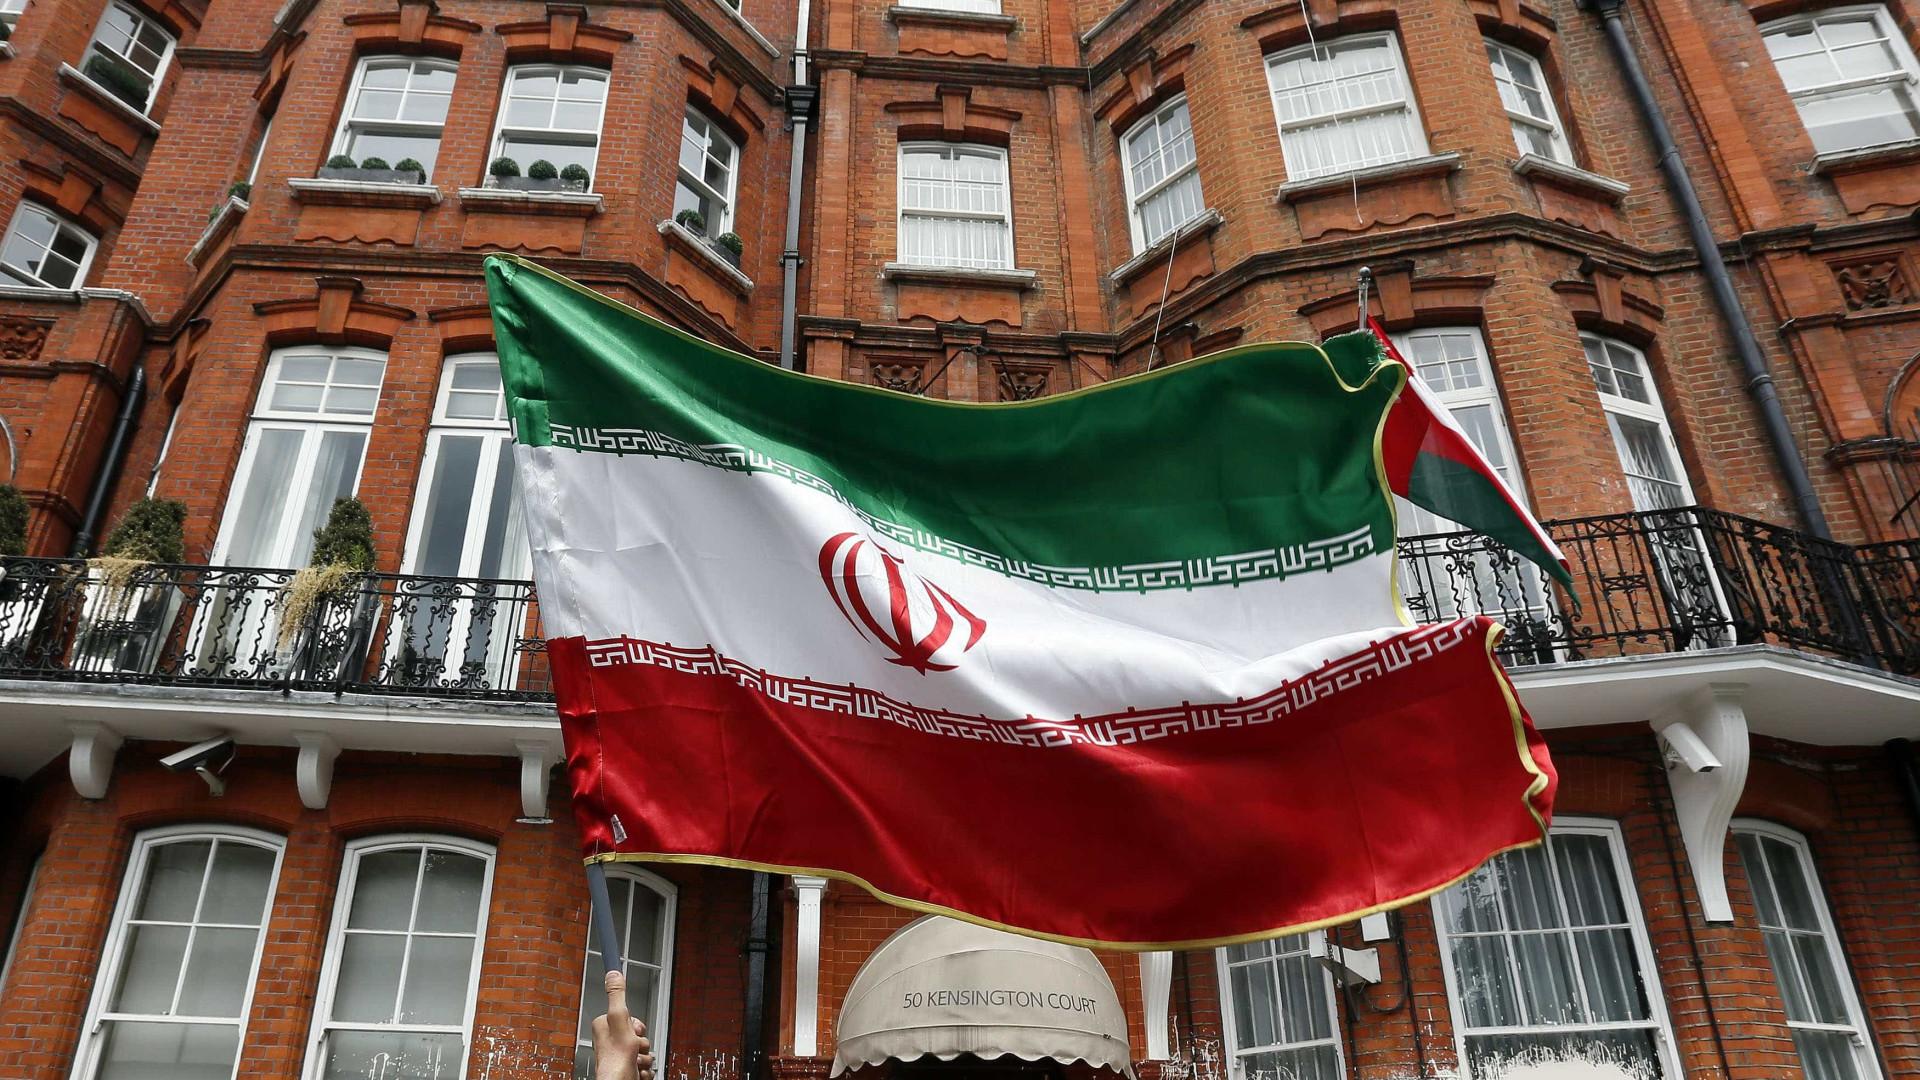 Reino Unido convoca embaixador do Irã para explicar prisão de britânico